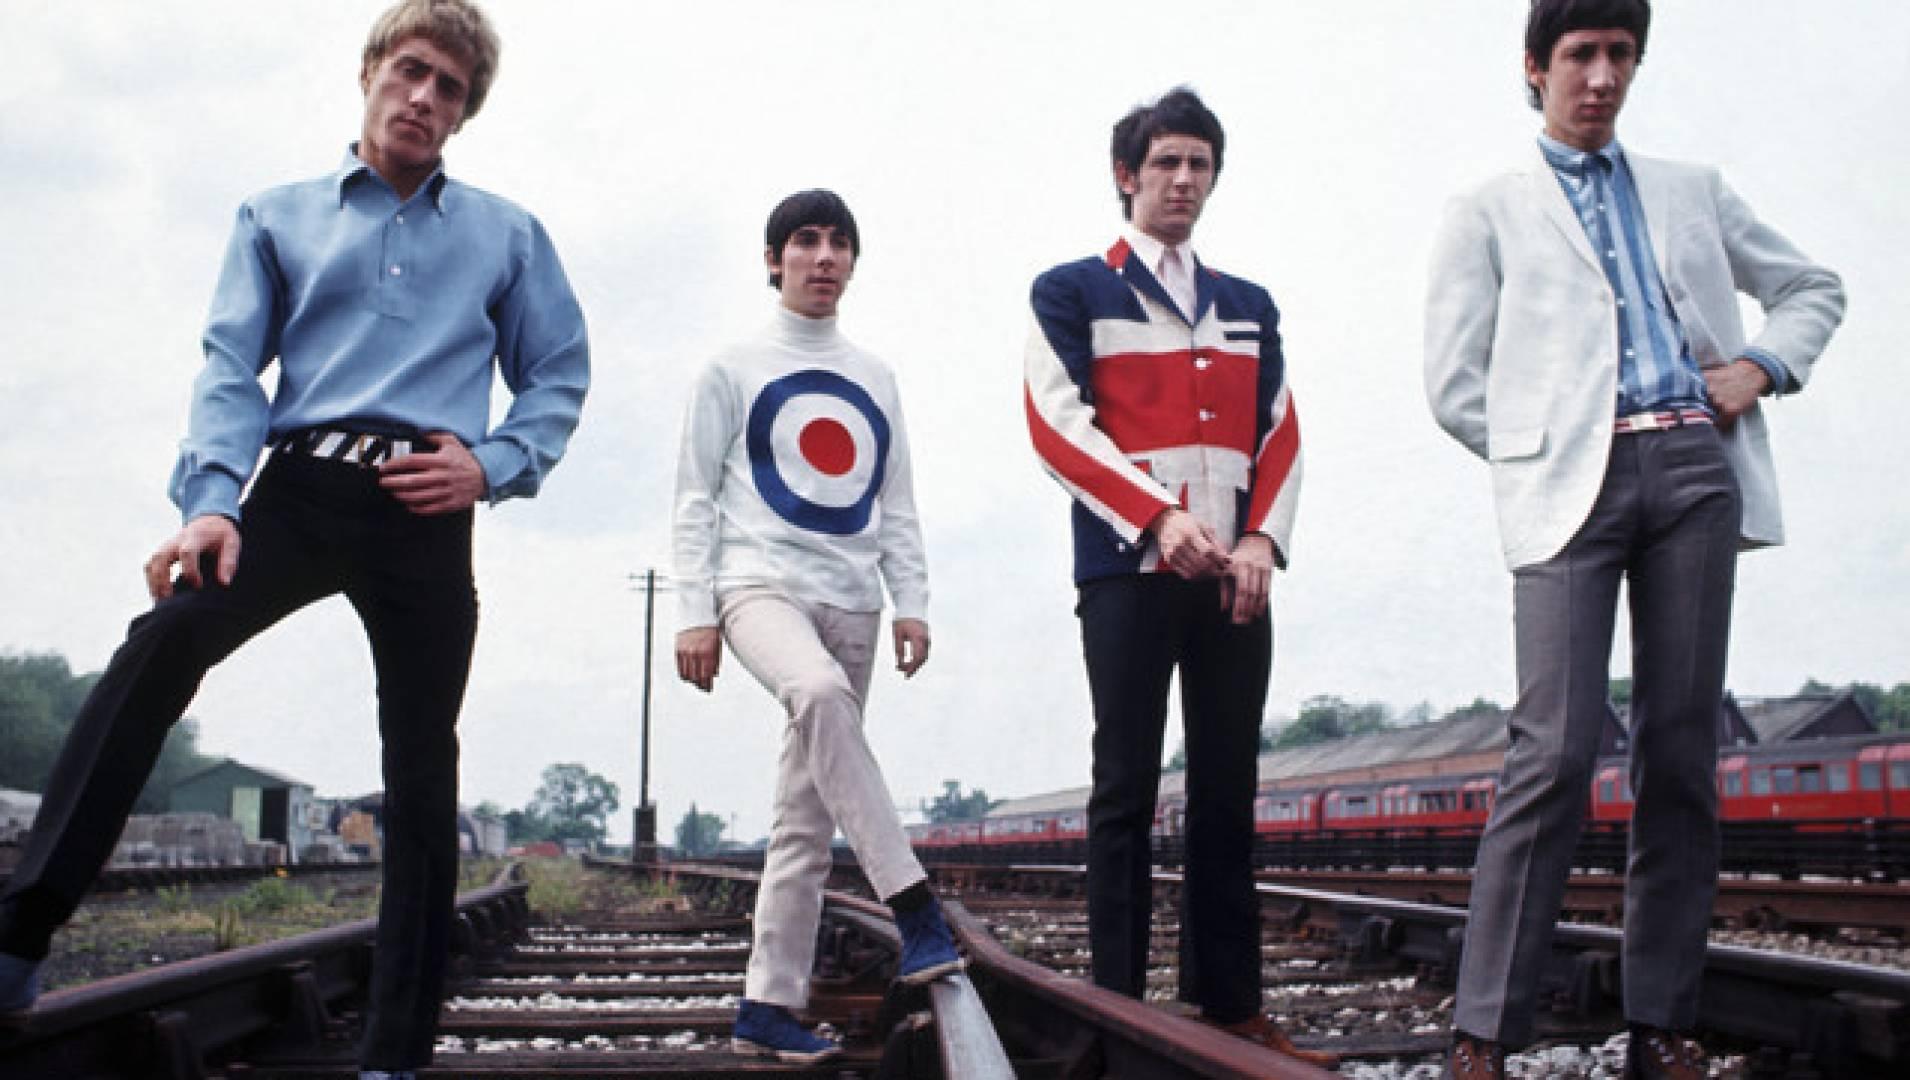 Удивительное путешествие: История группы «The Who» - Документальный фильм